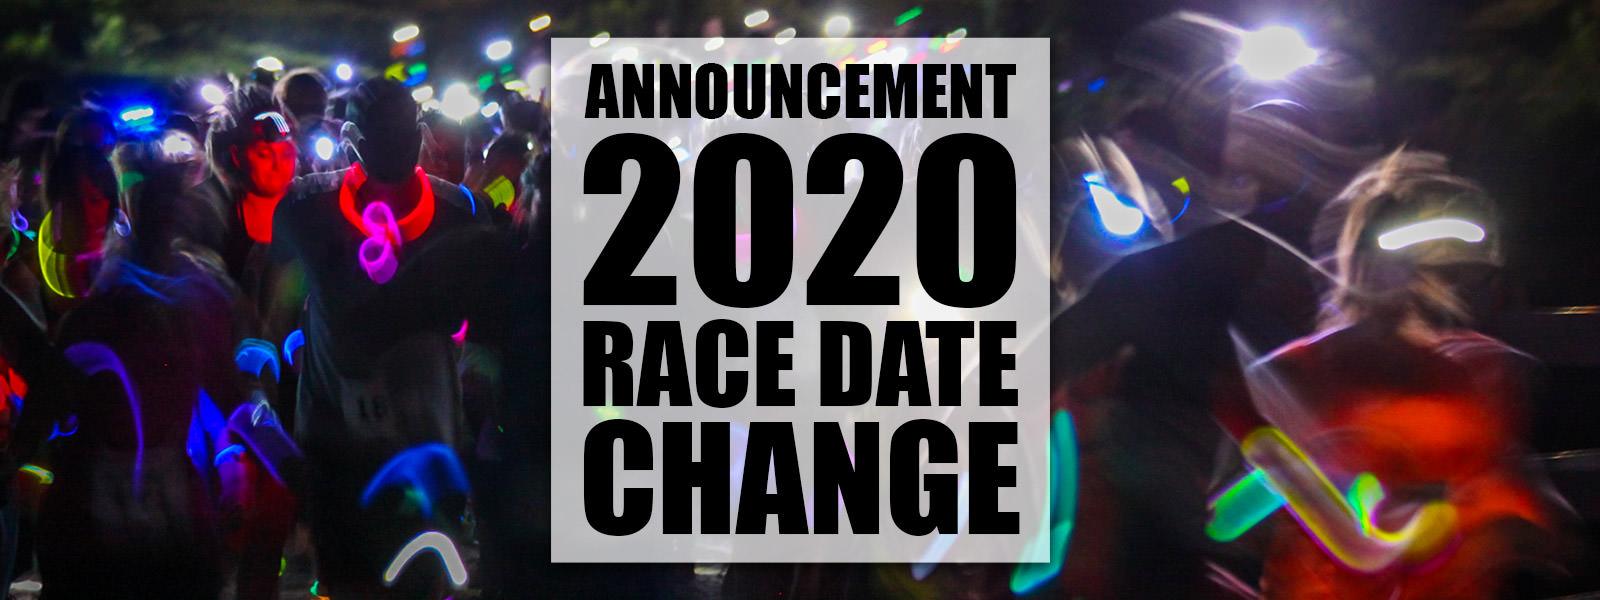 RACE DATE CHANGE